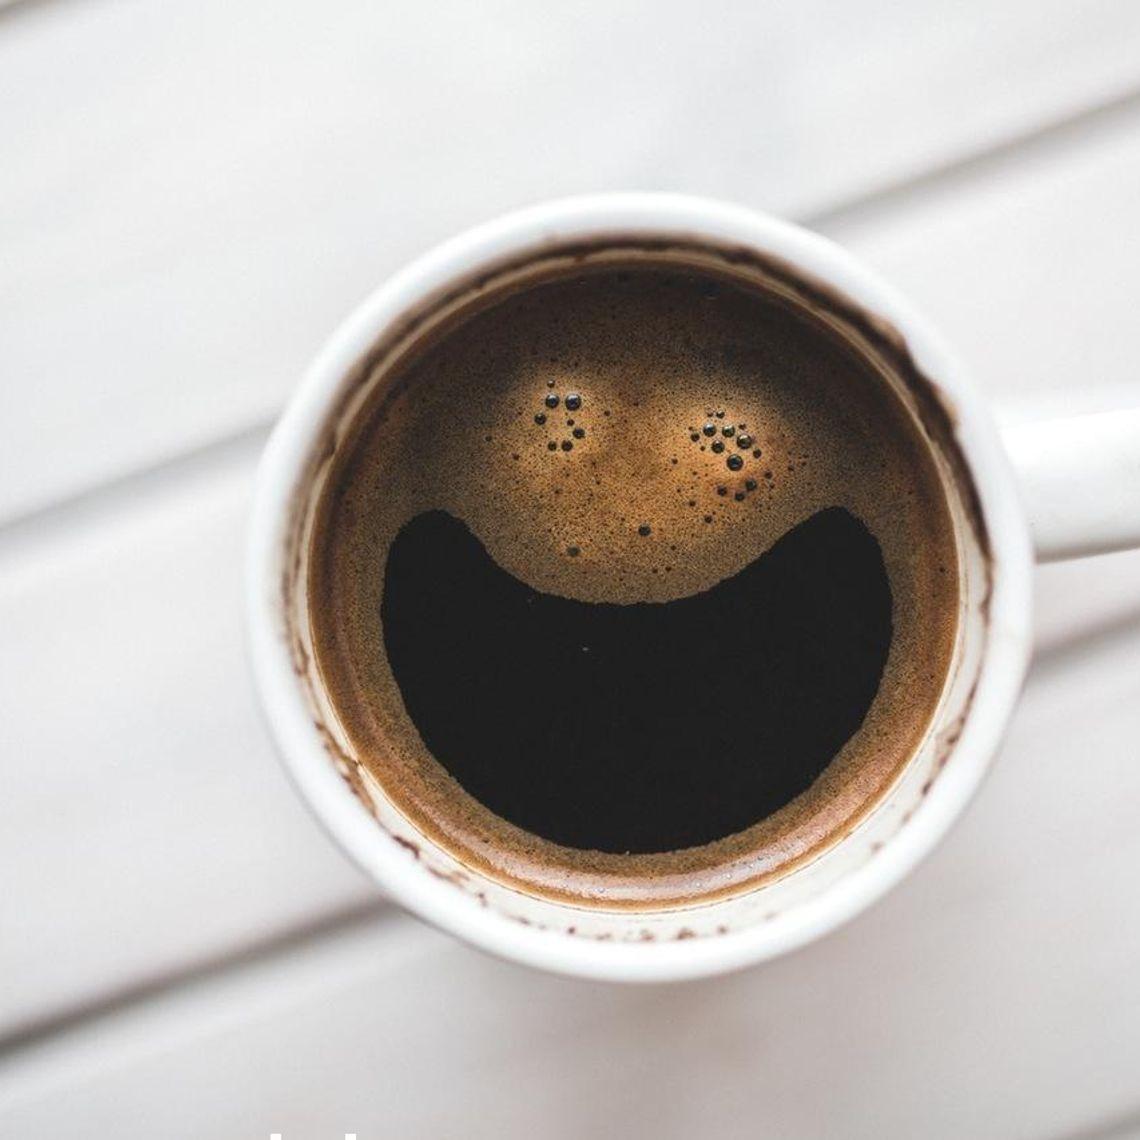 Obrazek - 8 sposobów na kawę, których nie znałeś!